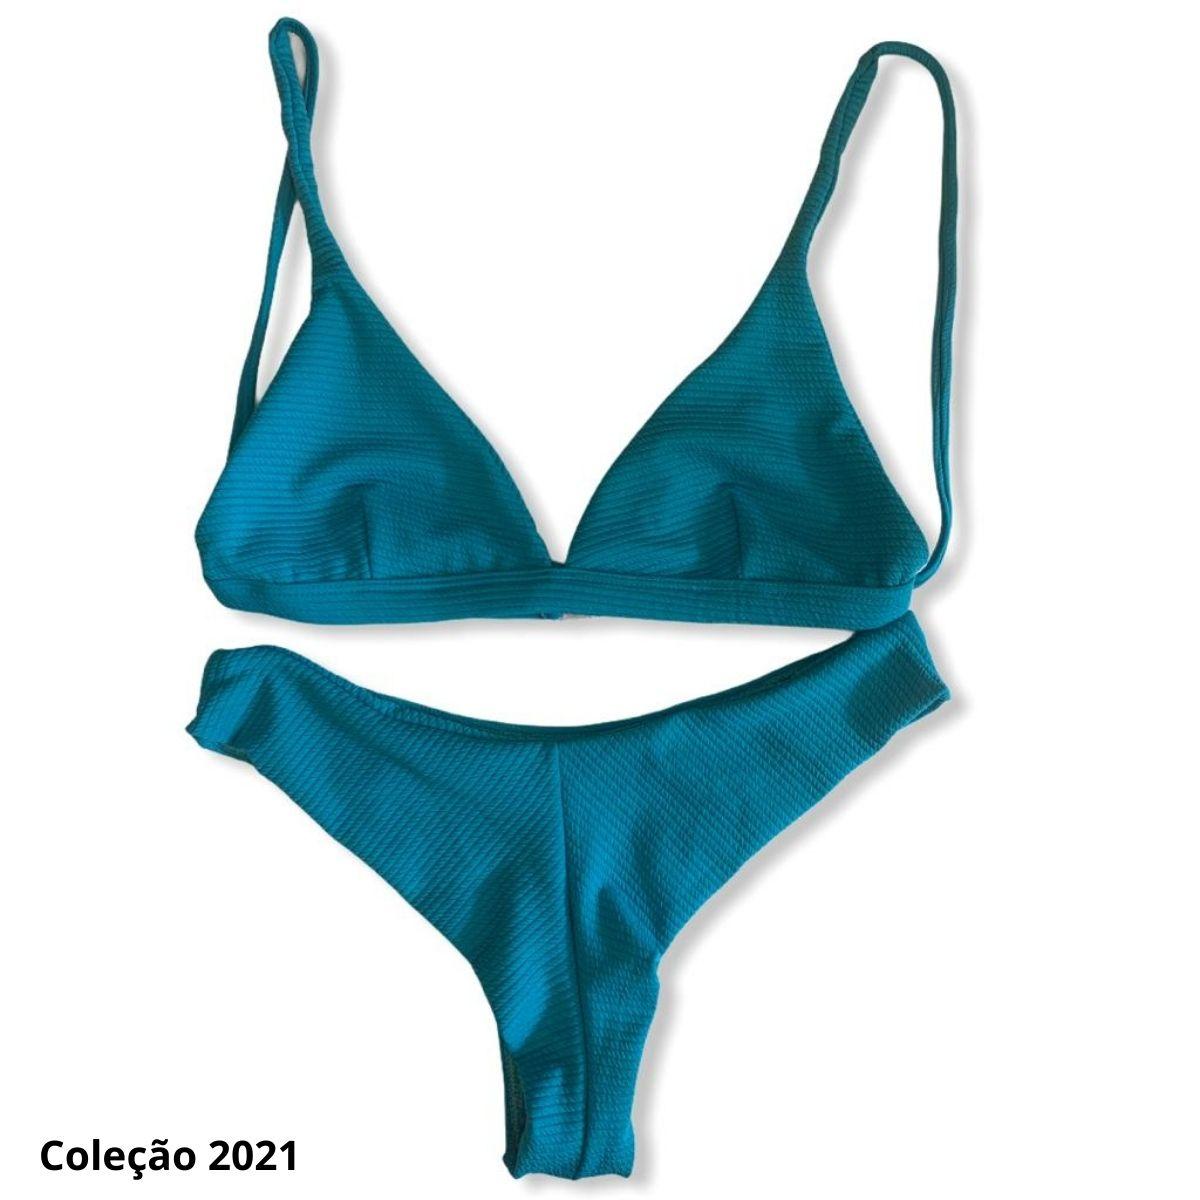 Biquíni asa delta V com top lenço trançado azul claro